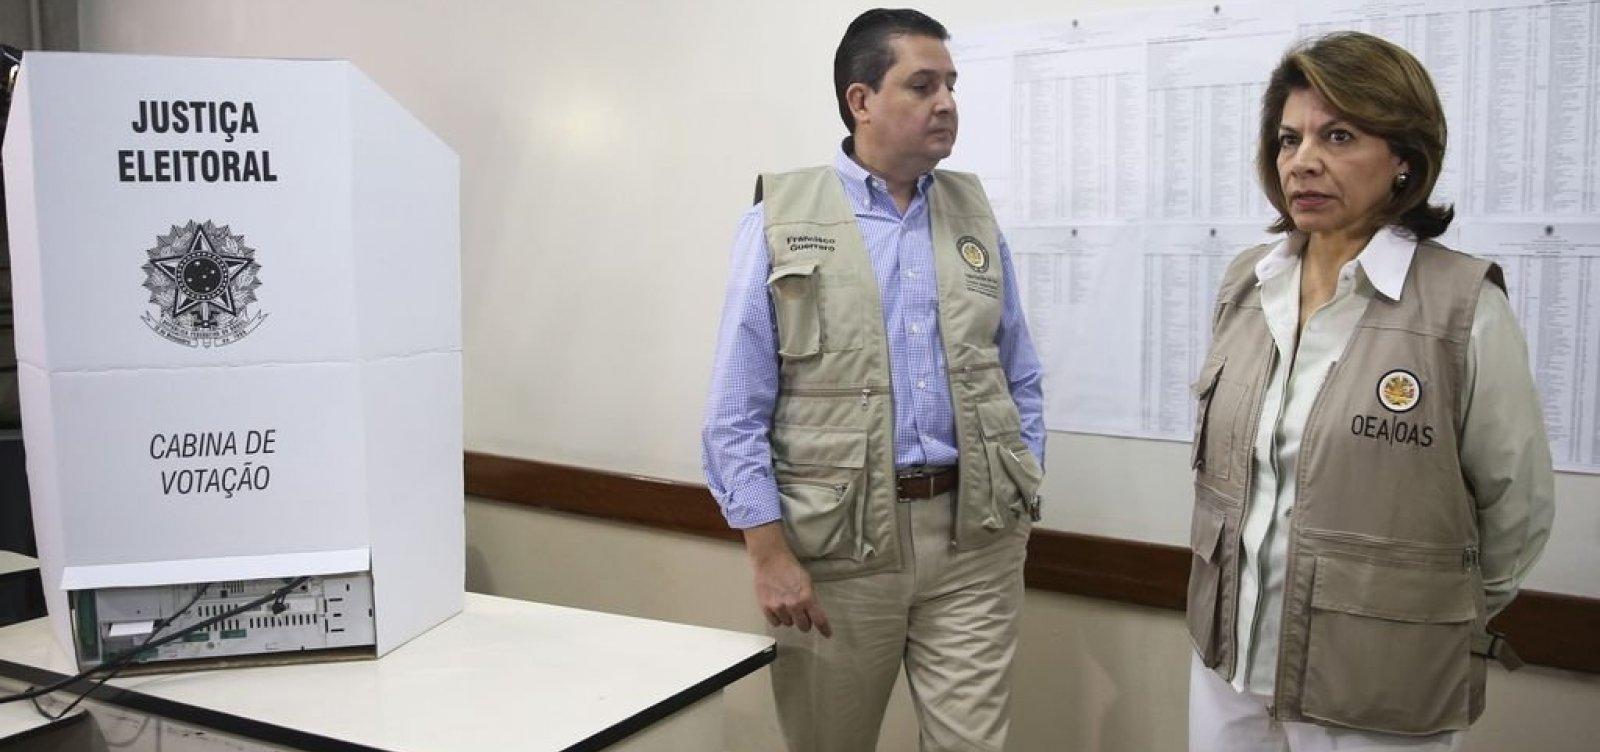 [OEA destaca agressividade das eleições]